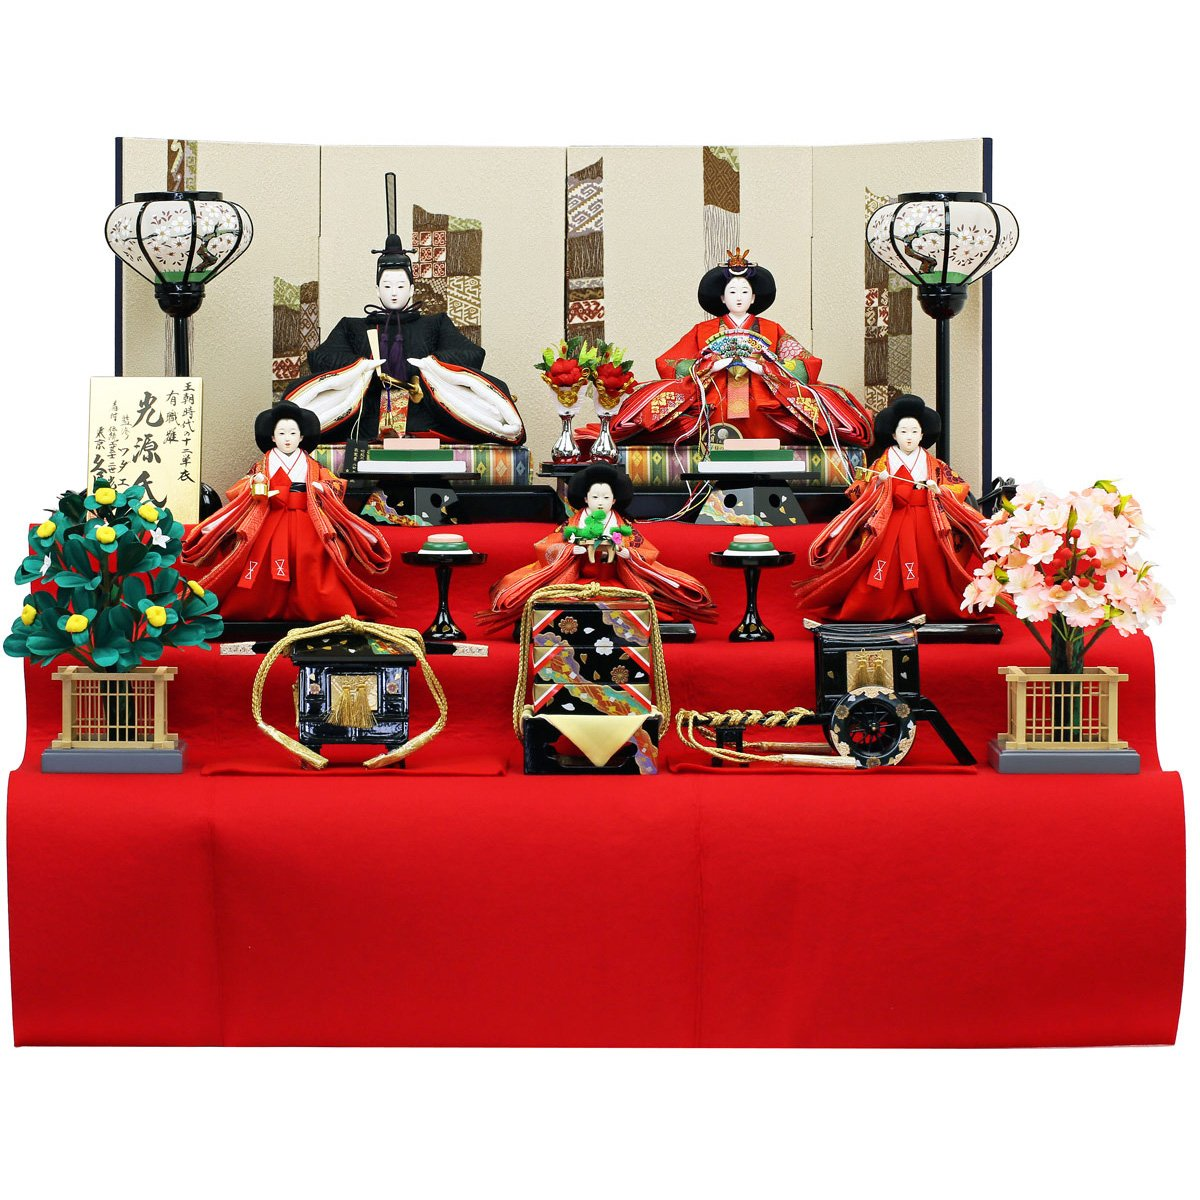 雛人形 ひな人形 久月 人形の久月 三段飾り 五人飾り 十二単雛人形 ワダエミ監修 有職雛(久月オリジナル頭使用) 光源氏   B01ARBQXRK